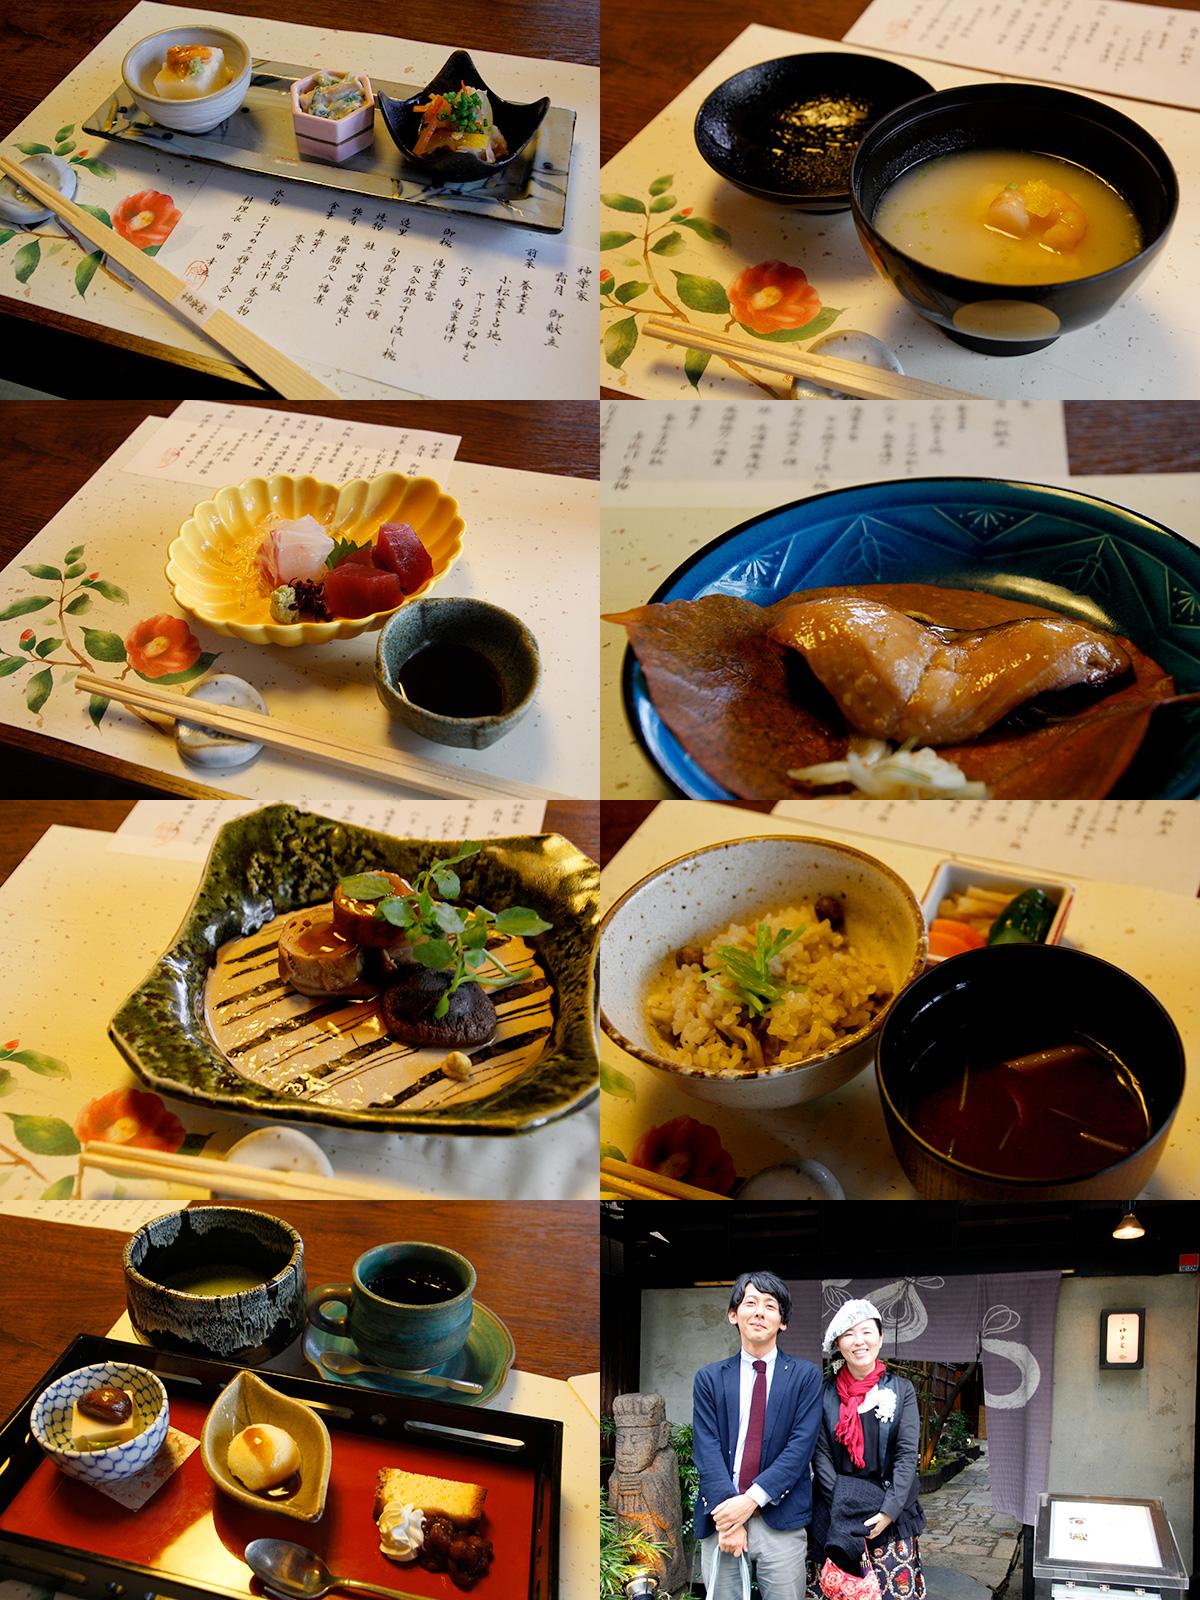 151107kaguraya_MG_9325.jpg